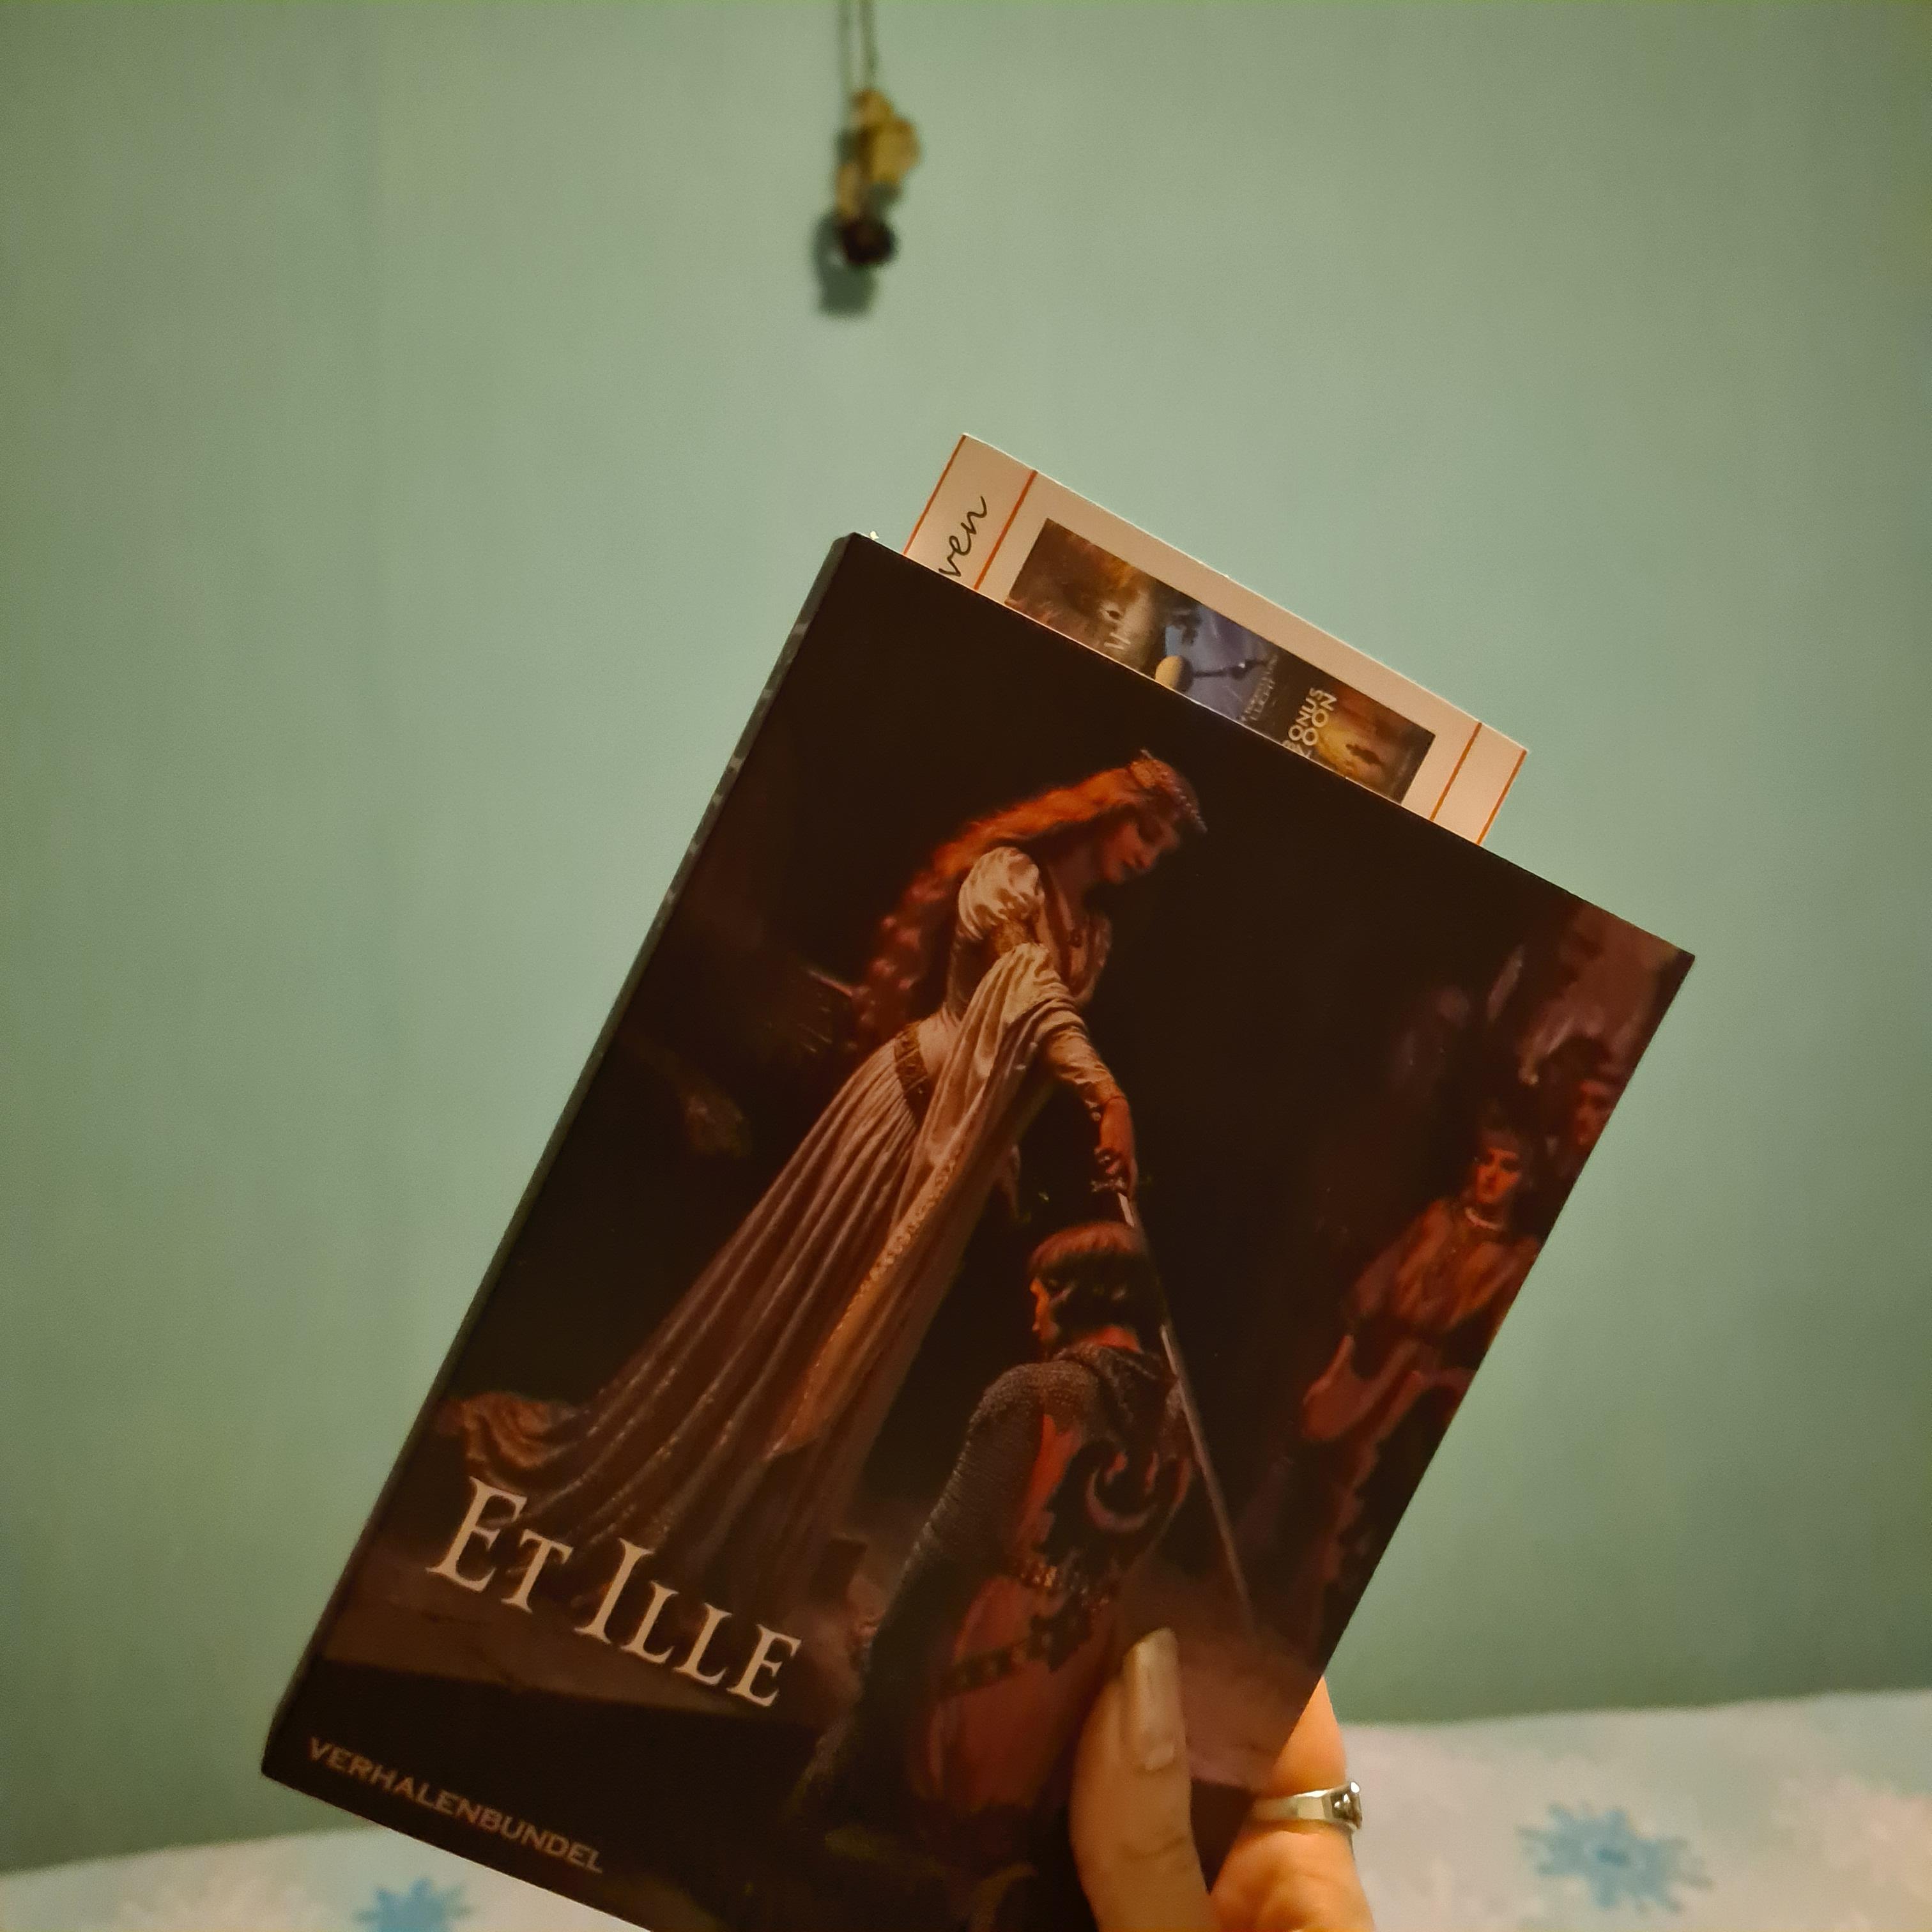 et-ille-1